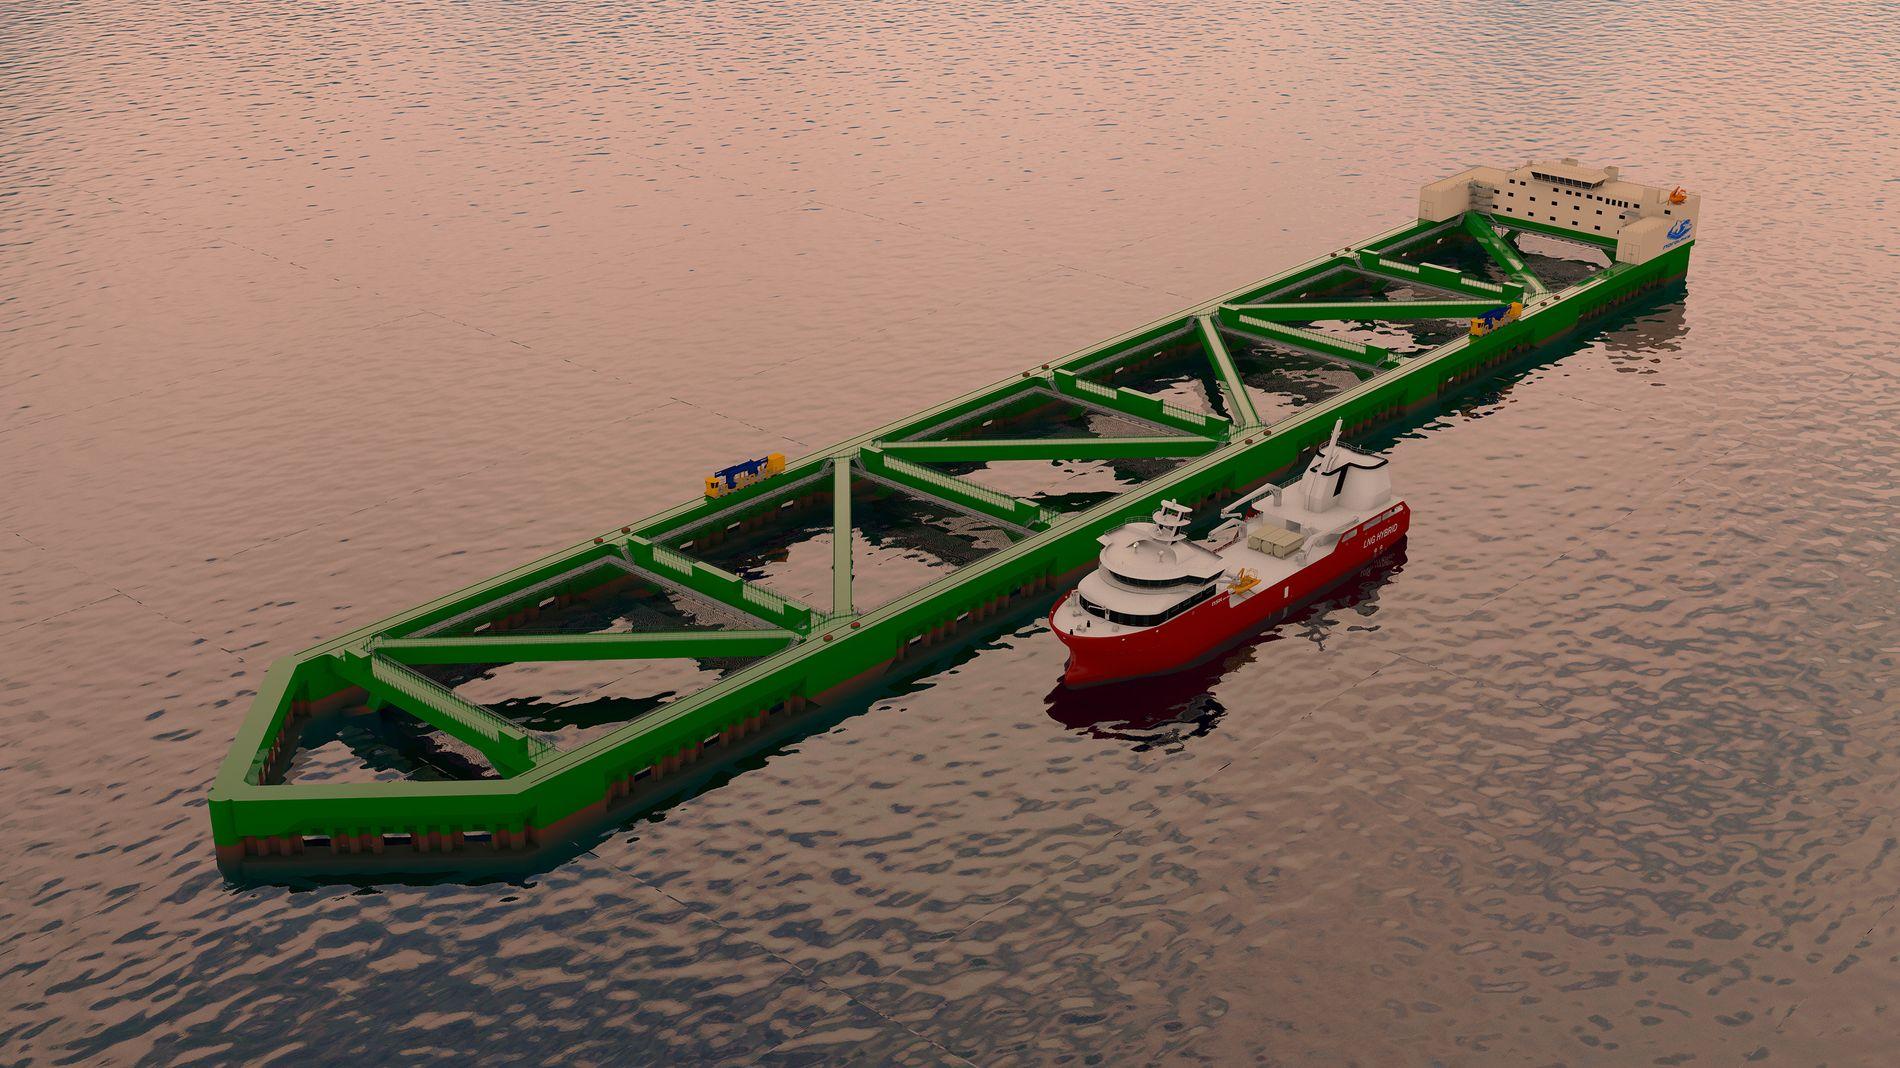 INVESTERINGER: Illustrasjonen viser havfarmen som Nordlaks bygger. Totalt skal oppdretteren investere 4–5 milliarder kroner i utvikling av ny teknologi og produksjonsmåter.